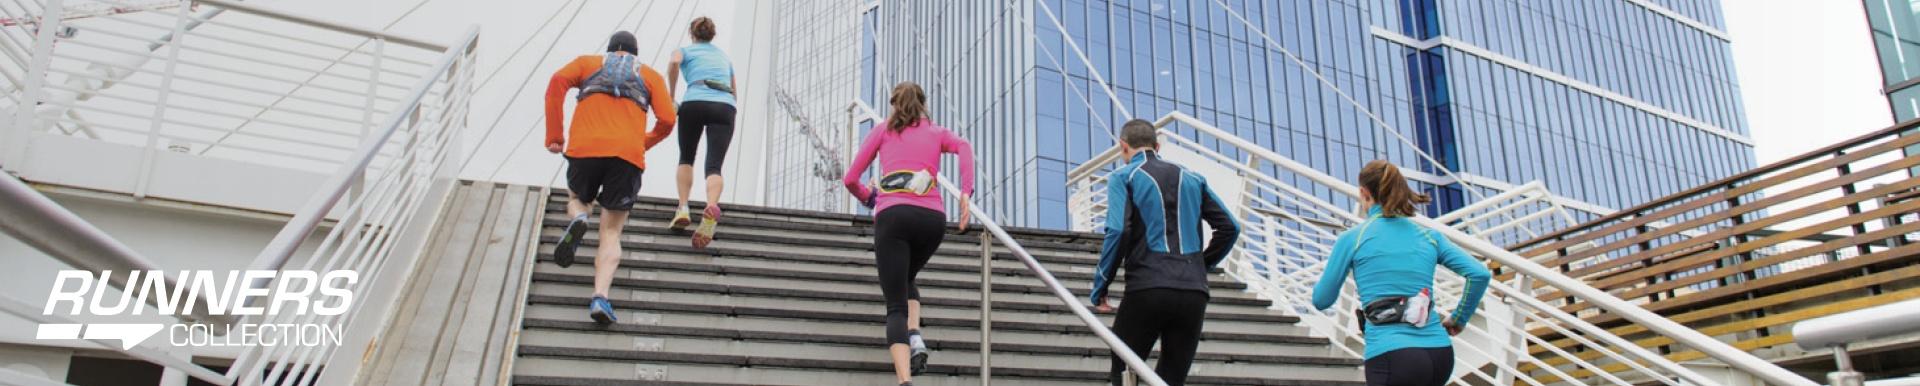 runners-collectionbanner2.jpg